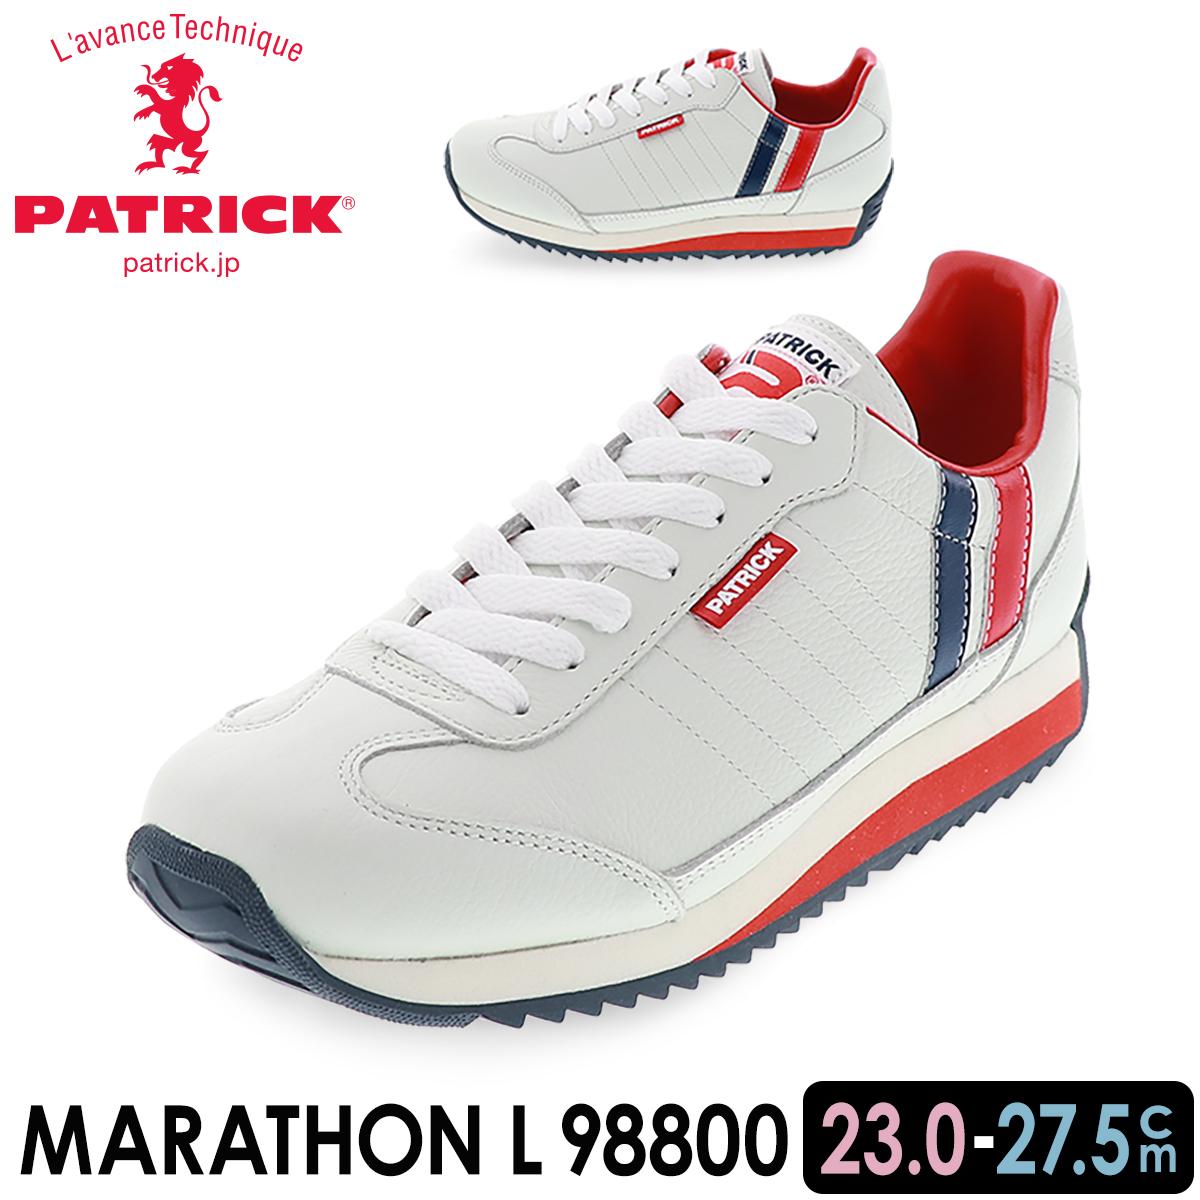 パトリック マラソン レディース メンズ カジュアル スニーカー PATRICK MARATHON L 98800 トリコロール 23.0cm~27.5cm